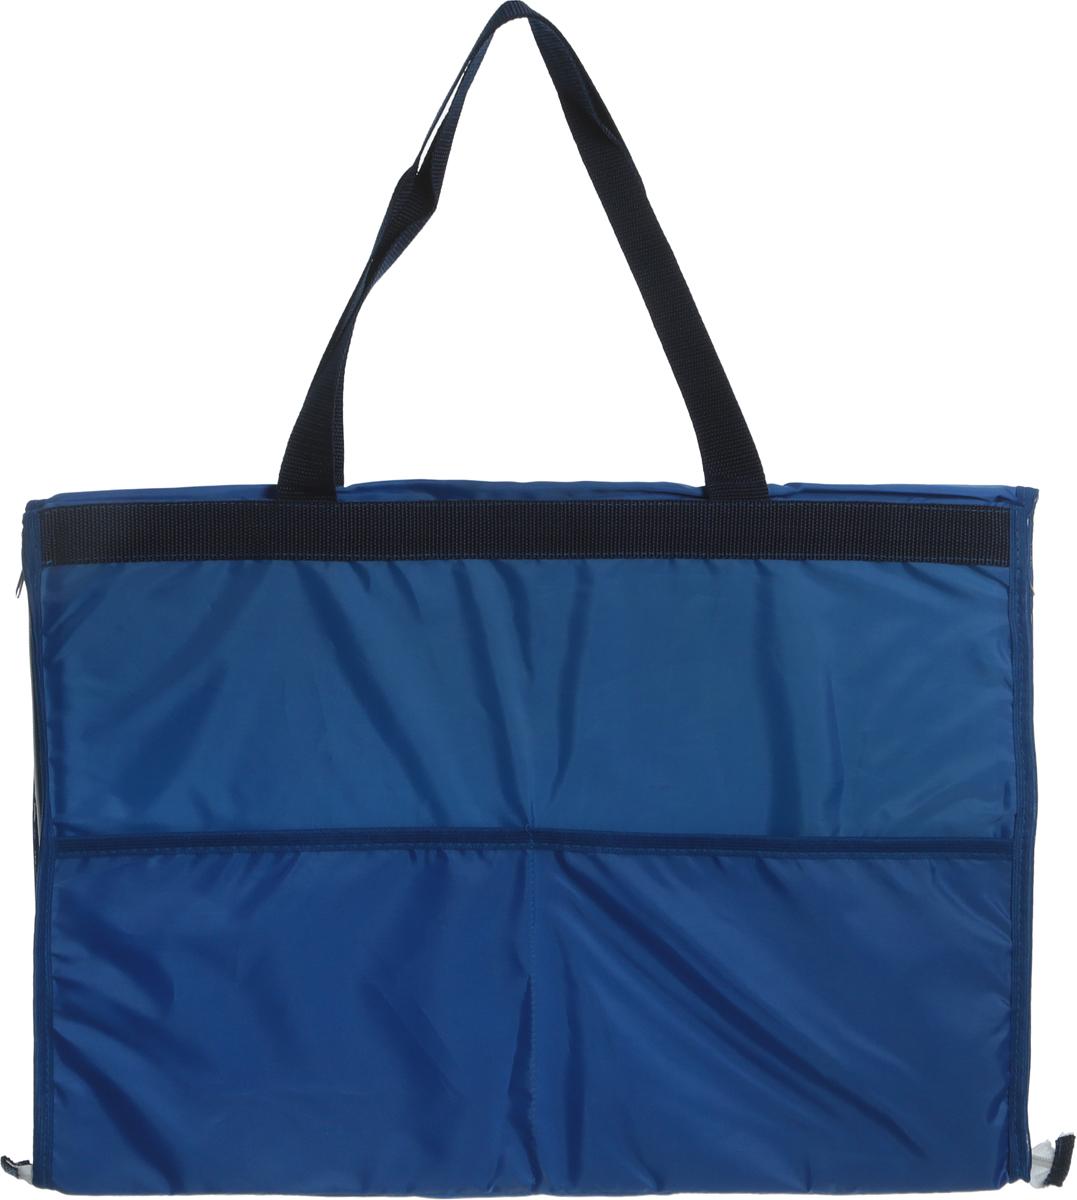 Сумка-коврик для пляжа Eva, 38 х 52 см, цвет: синийК37_синий